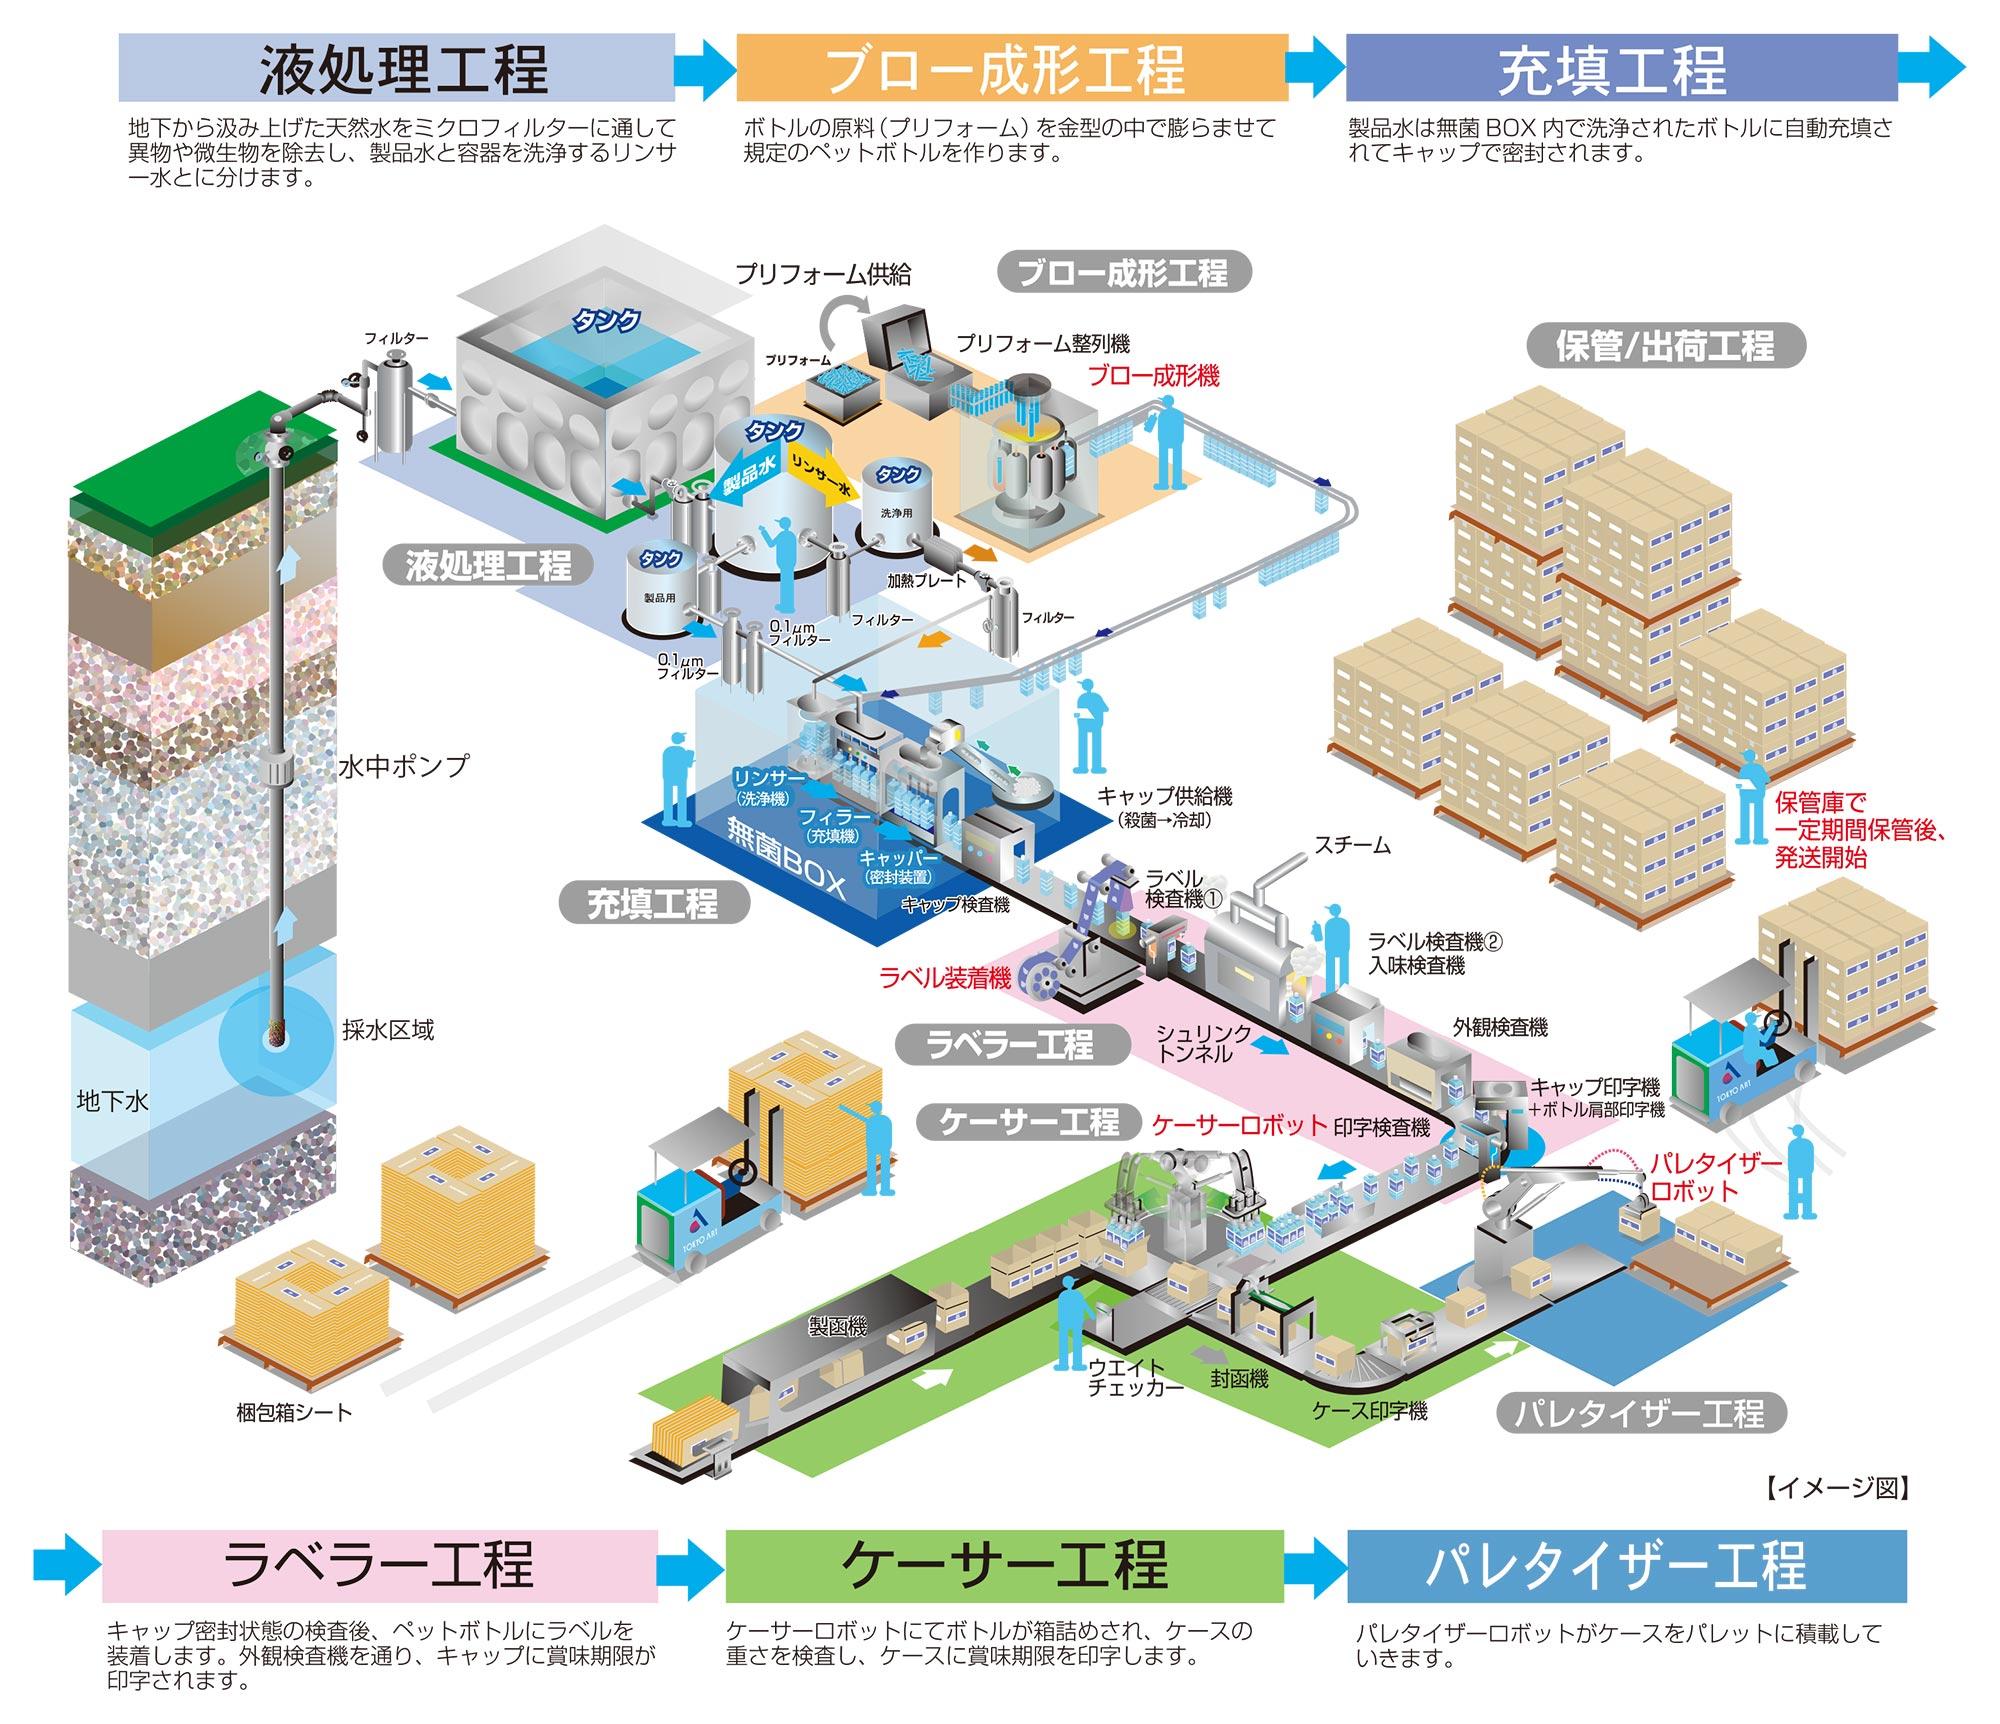 あづみ野工場 製造ラインイメージ図